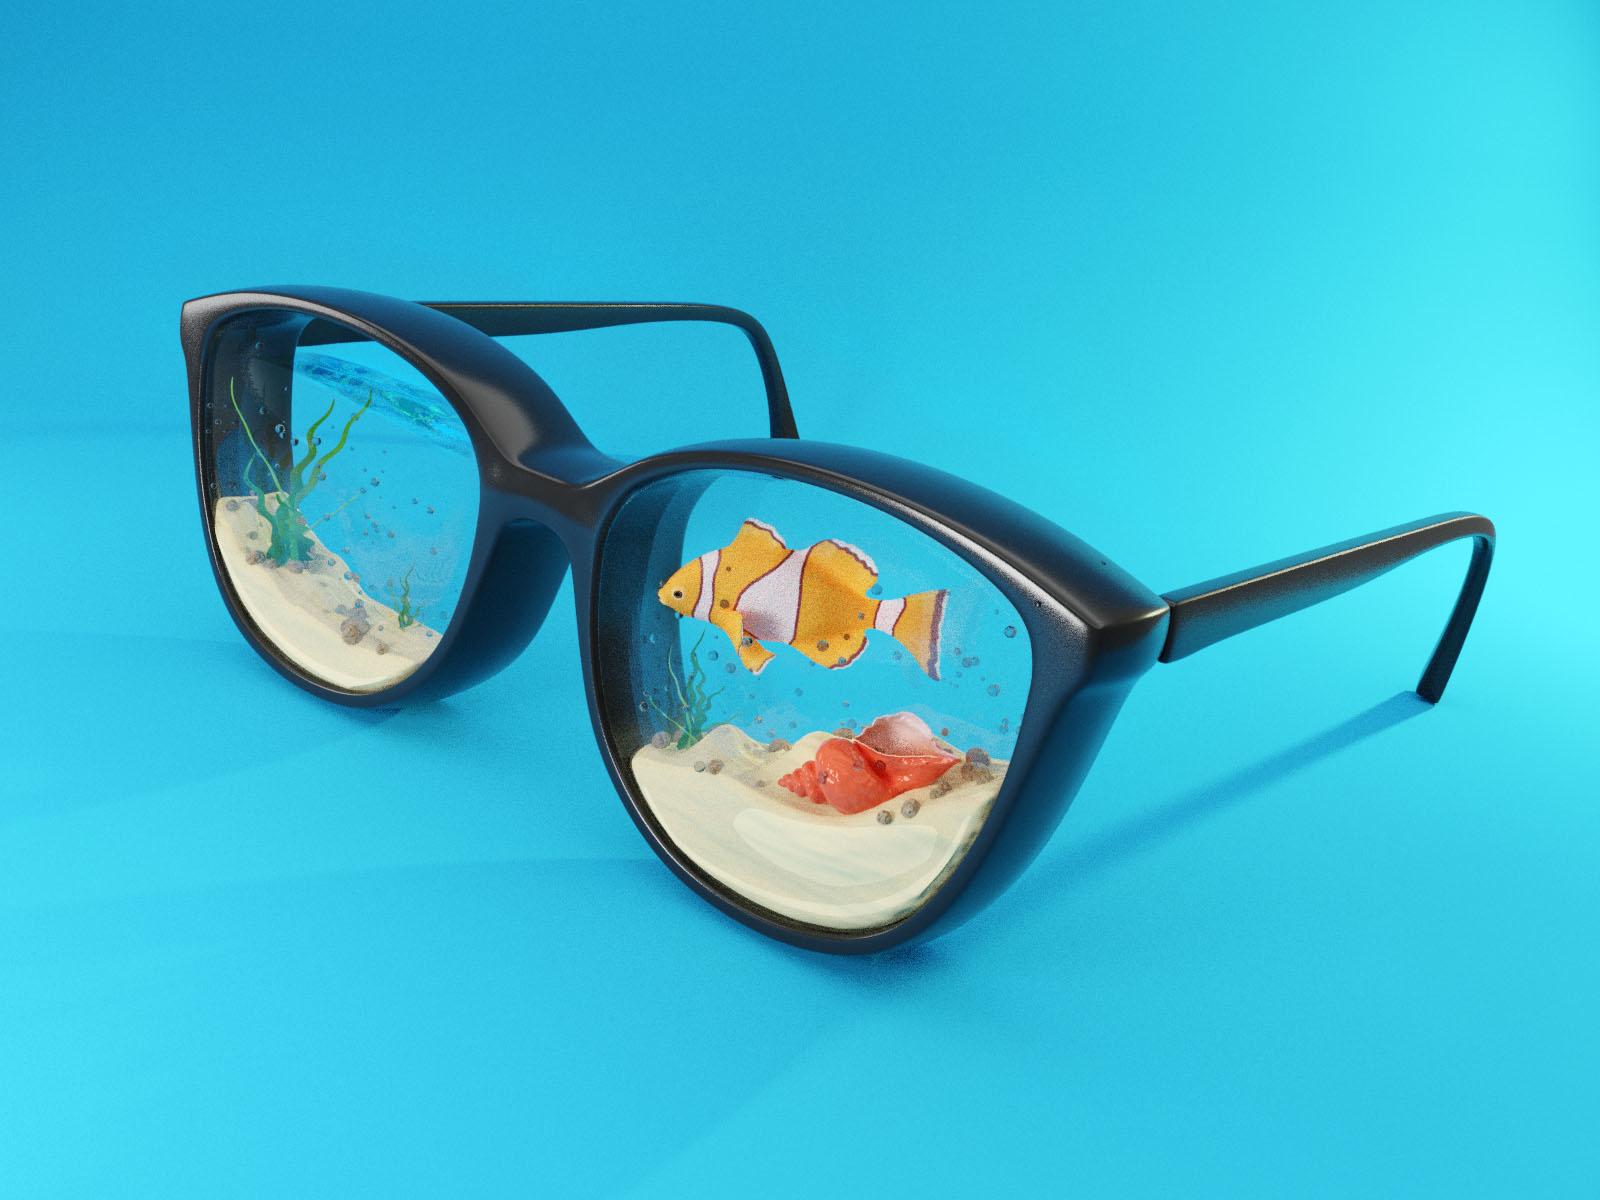 Glasses 3 4x